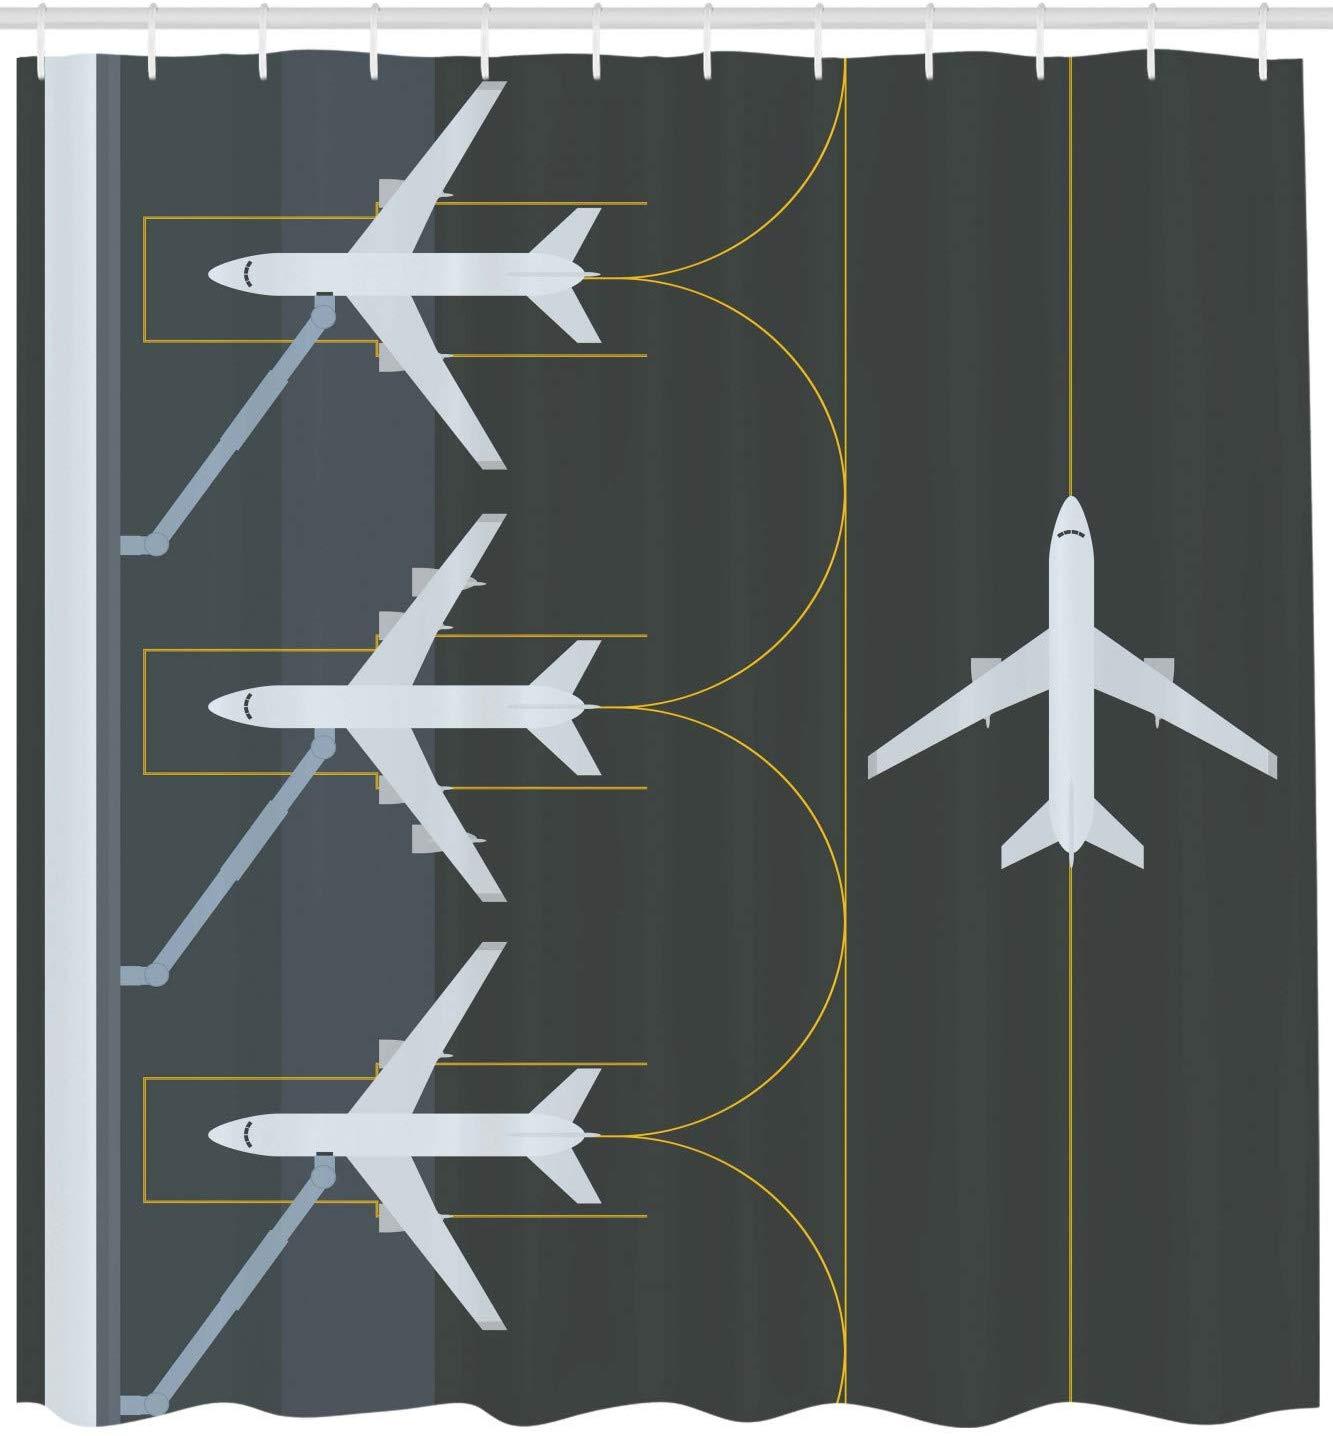 Cortina de ducha de aeropuerto ilustración sencilla temática de aviación de aviones aparcados en el campo de aire Tela de decoración de baño